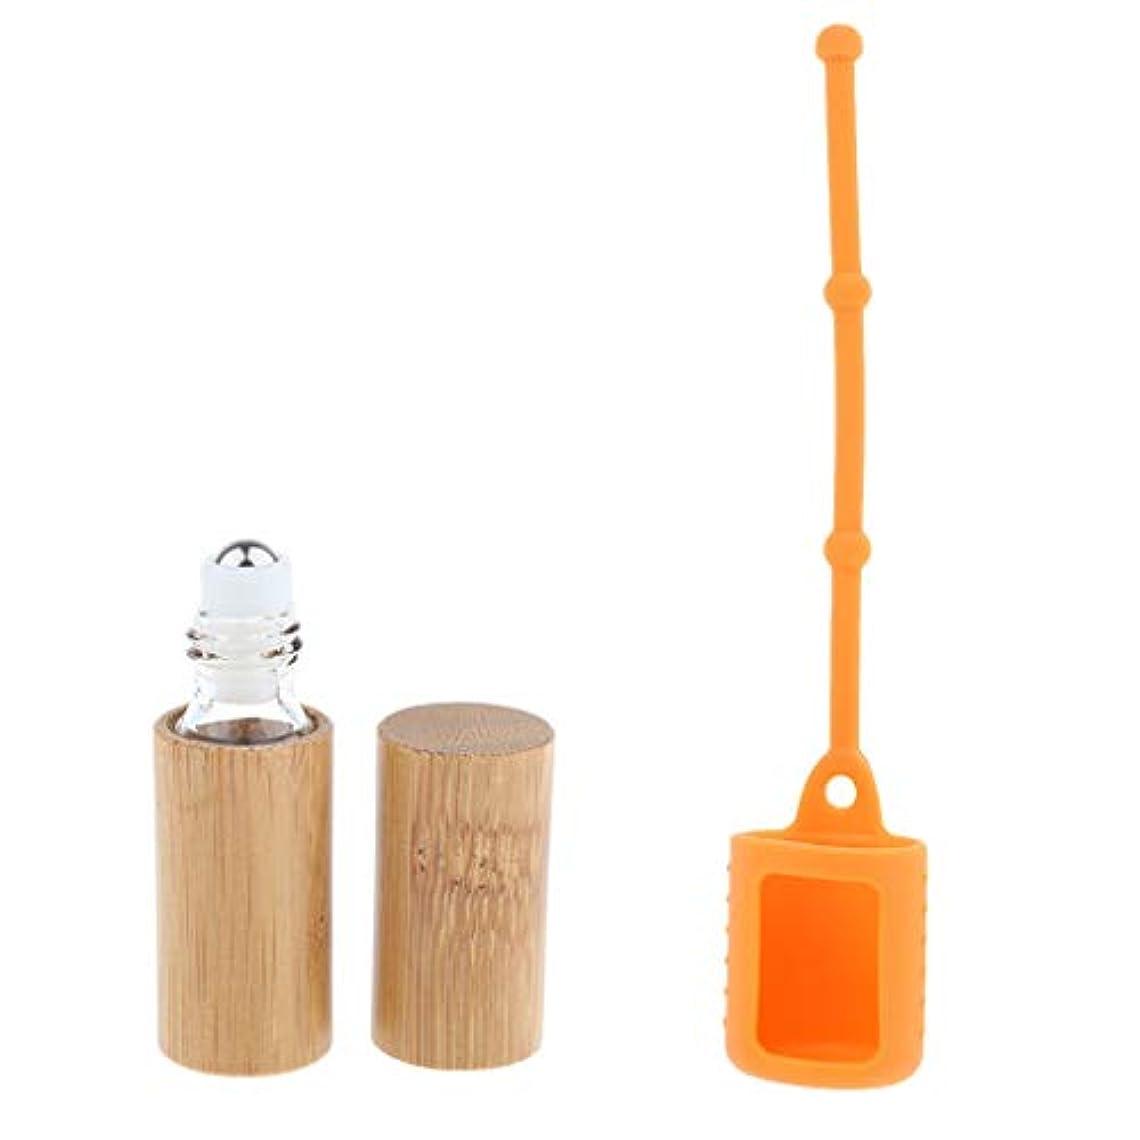 追跡今日はずFLAMEER 空ボトル 竹ボトル 香水瓶 エッセンシャルオイル 精油瓶 詰め替え 掛け シリコンカバー